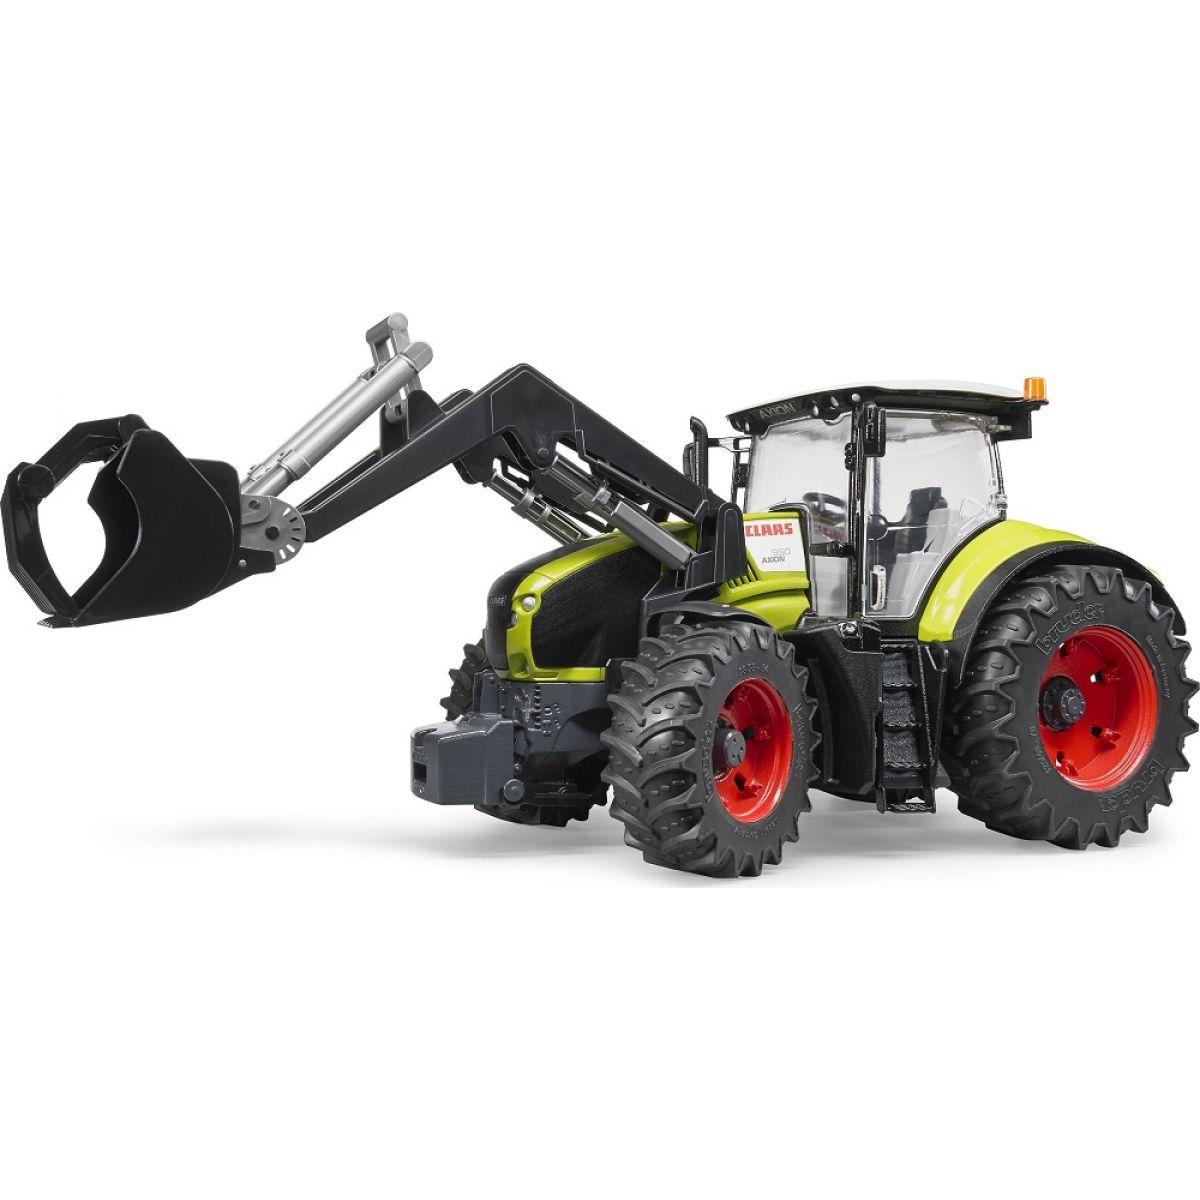 Bruder 03013 Traktor Claas Axion 950 s přední lžicí